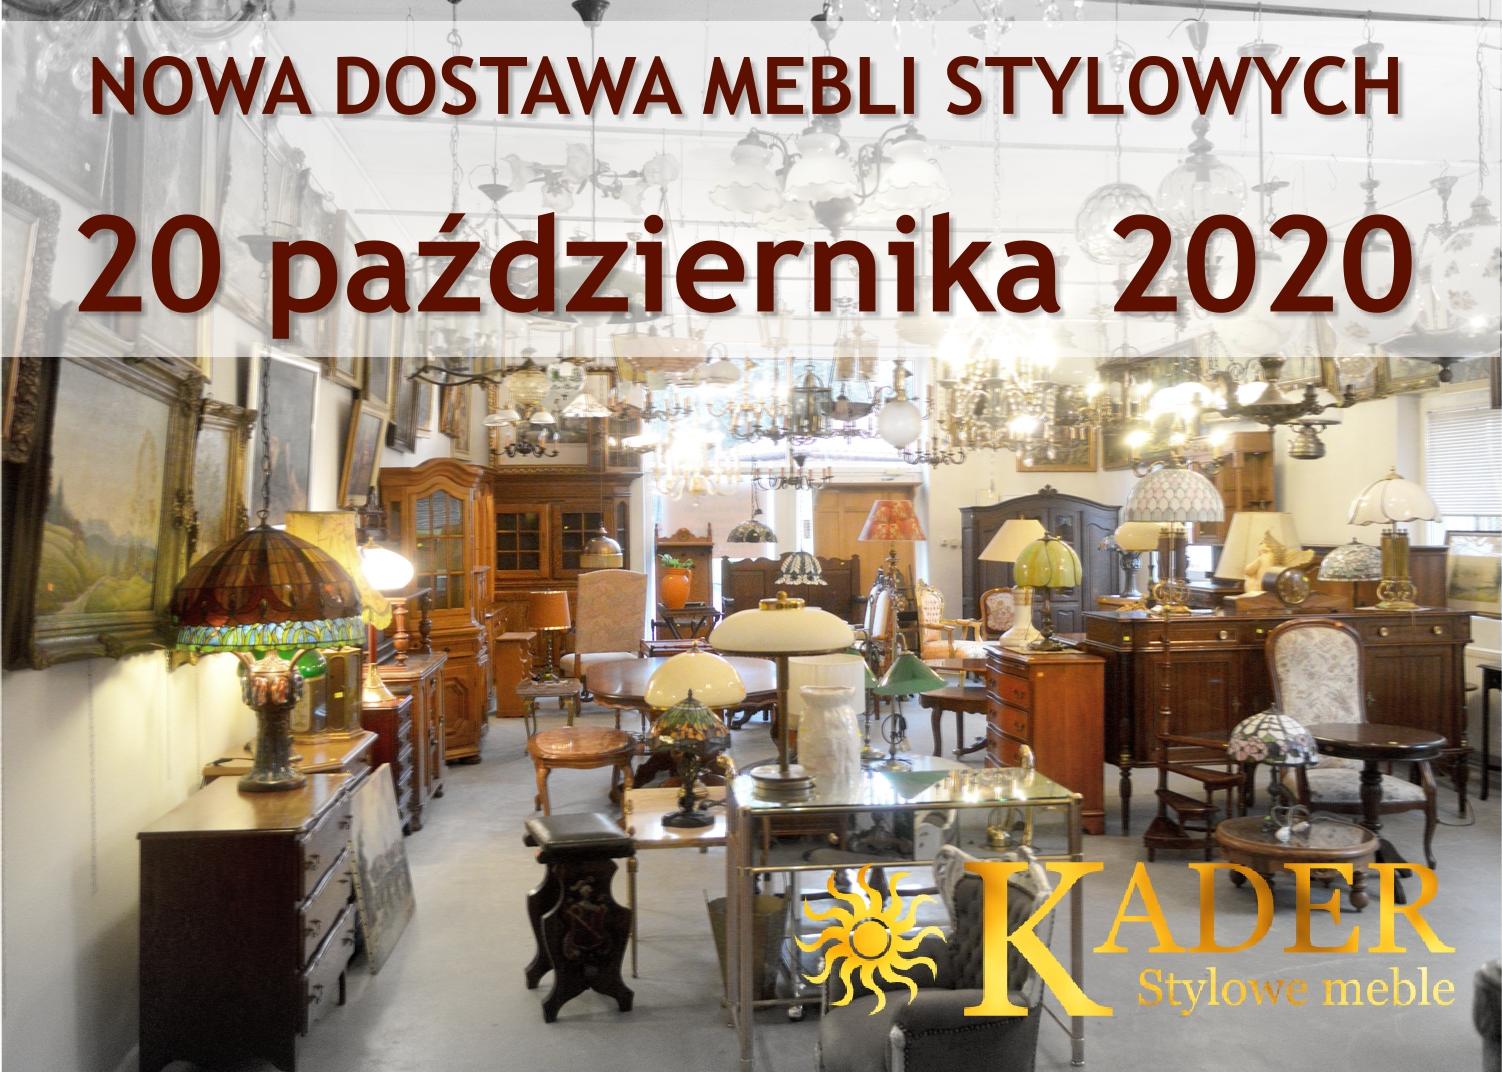 Nowa dostawa mebli stylowych i kolonialnych 20 października 2020 - KADER Grodzisk Mazowiecki